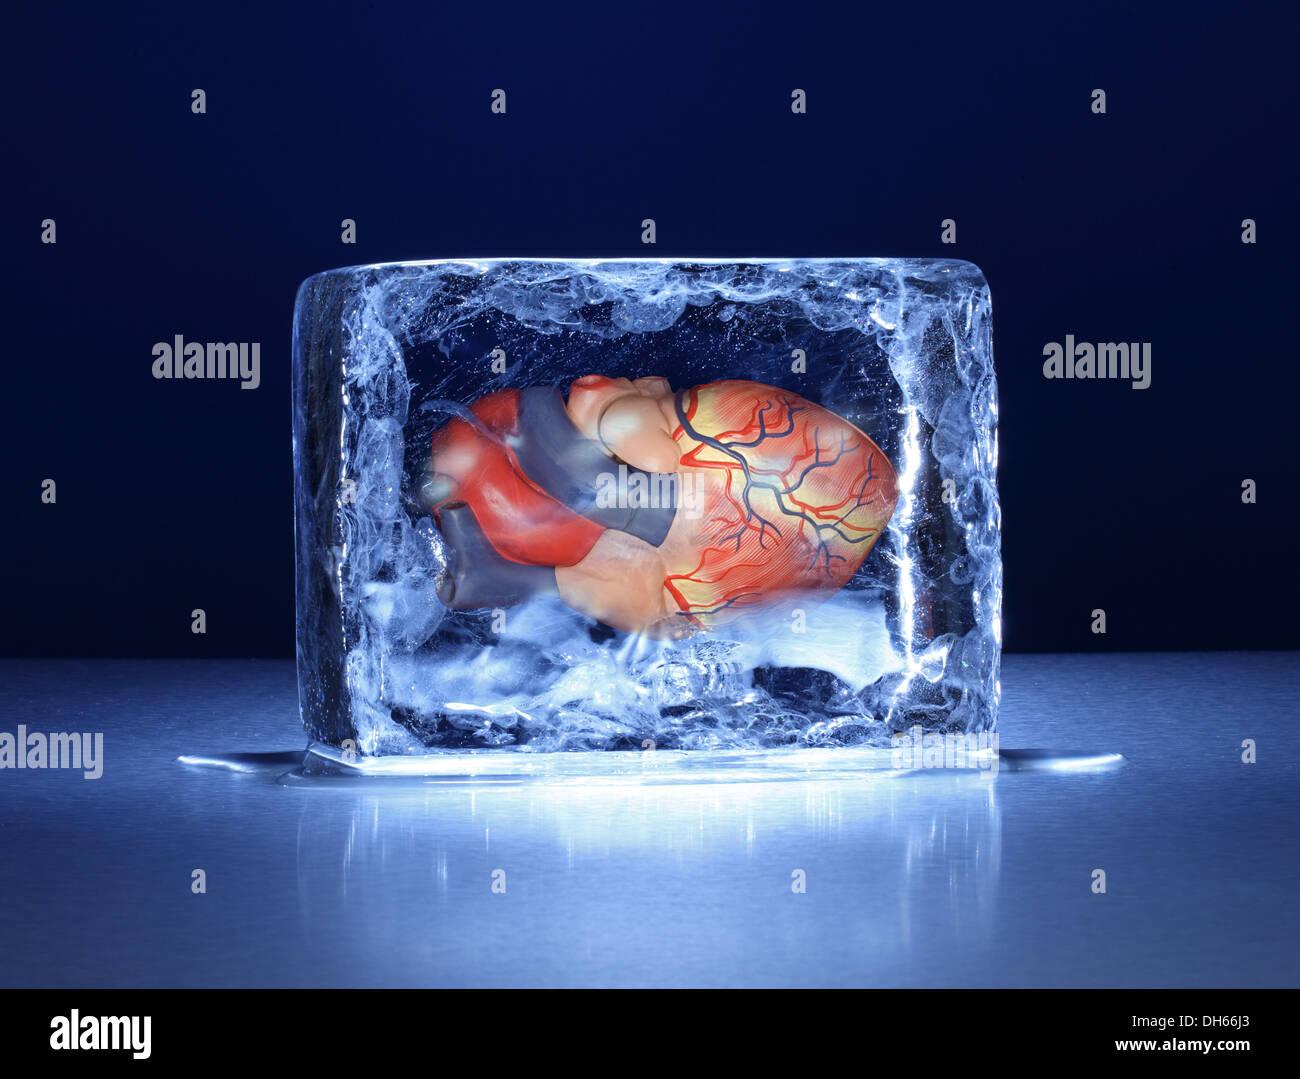 Un modèle du cœur de l'homme congelé dans un bloc de glace claire Photo Stock